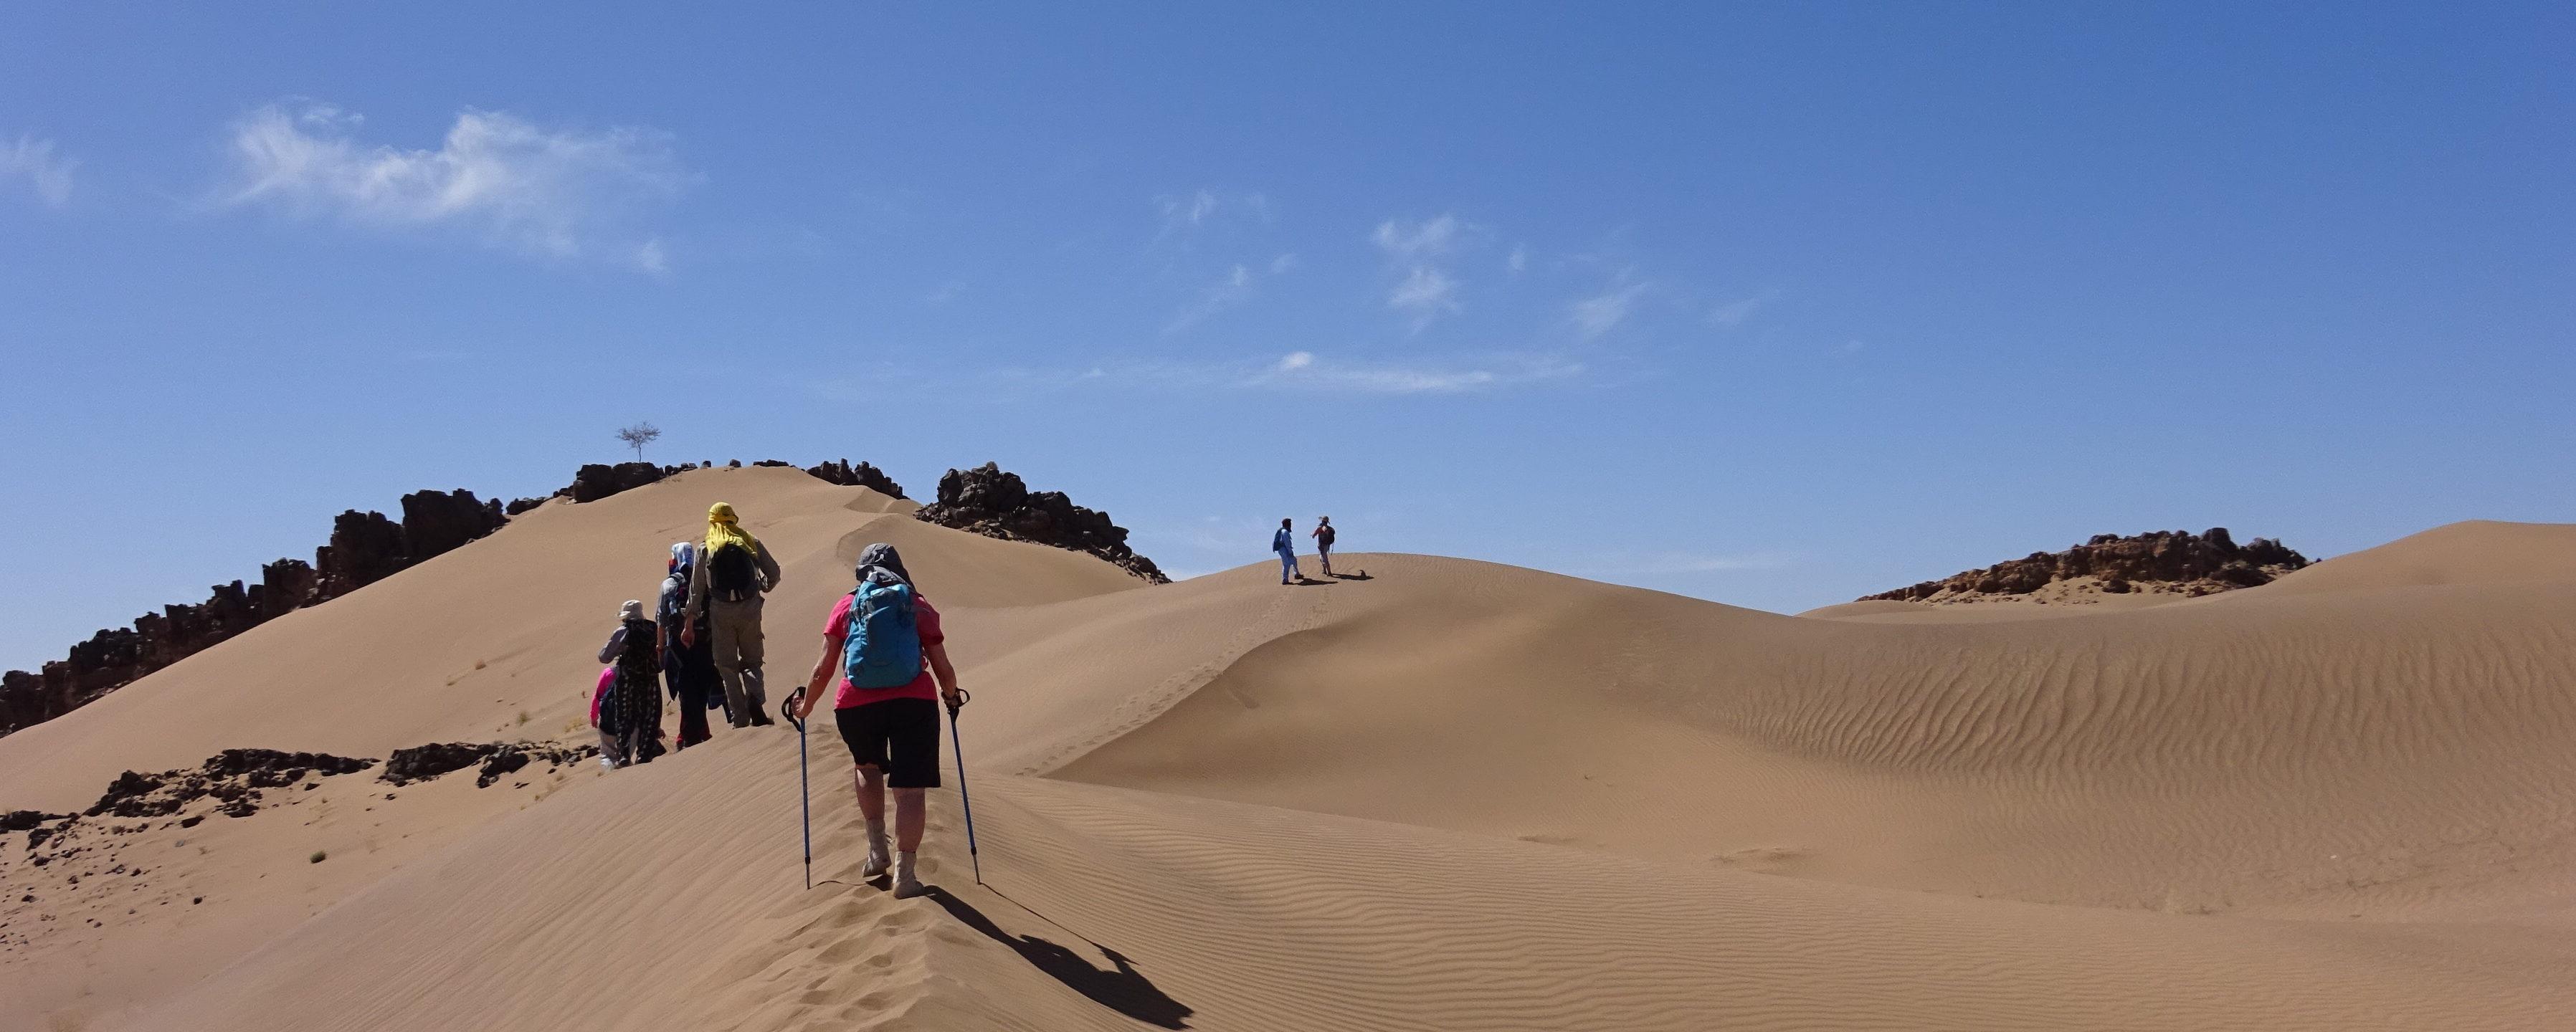 NOUVEAU TARIF ! Des pas dans le désert, vers soi et vers les autres